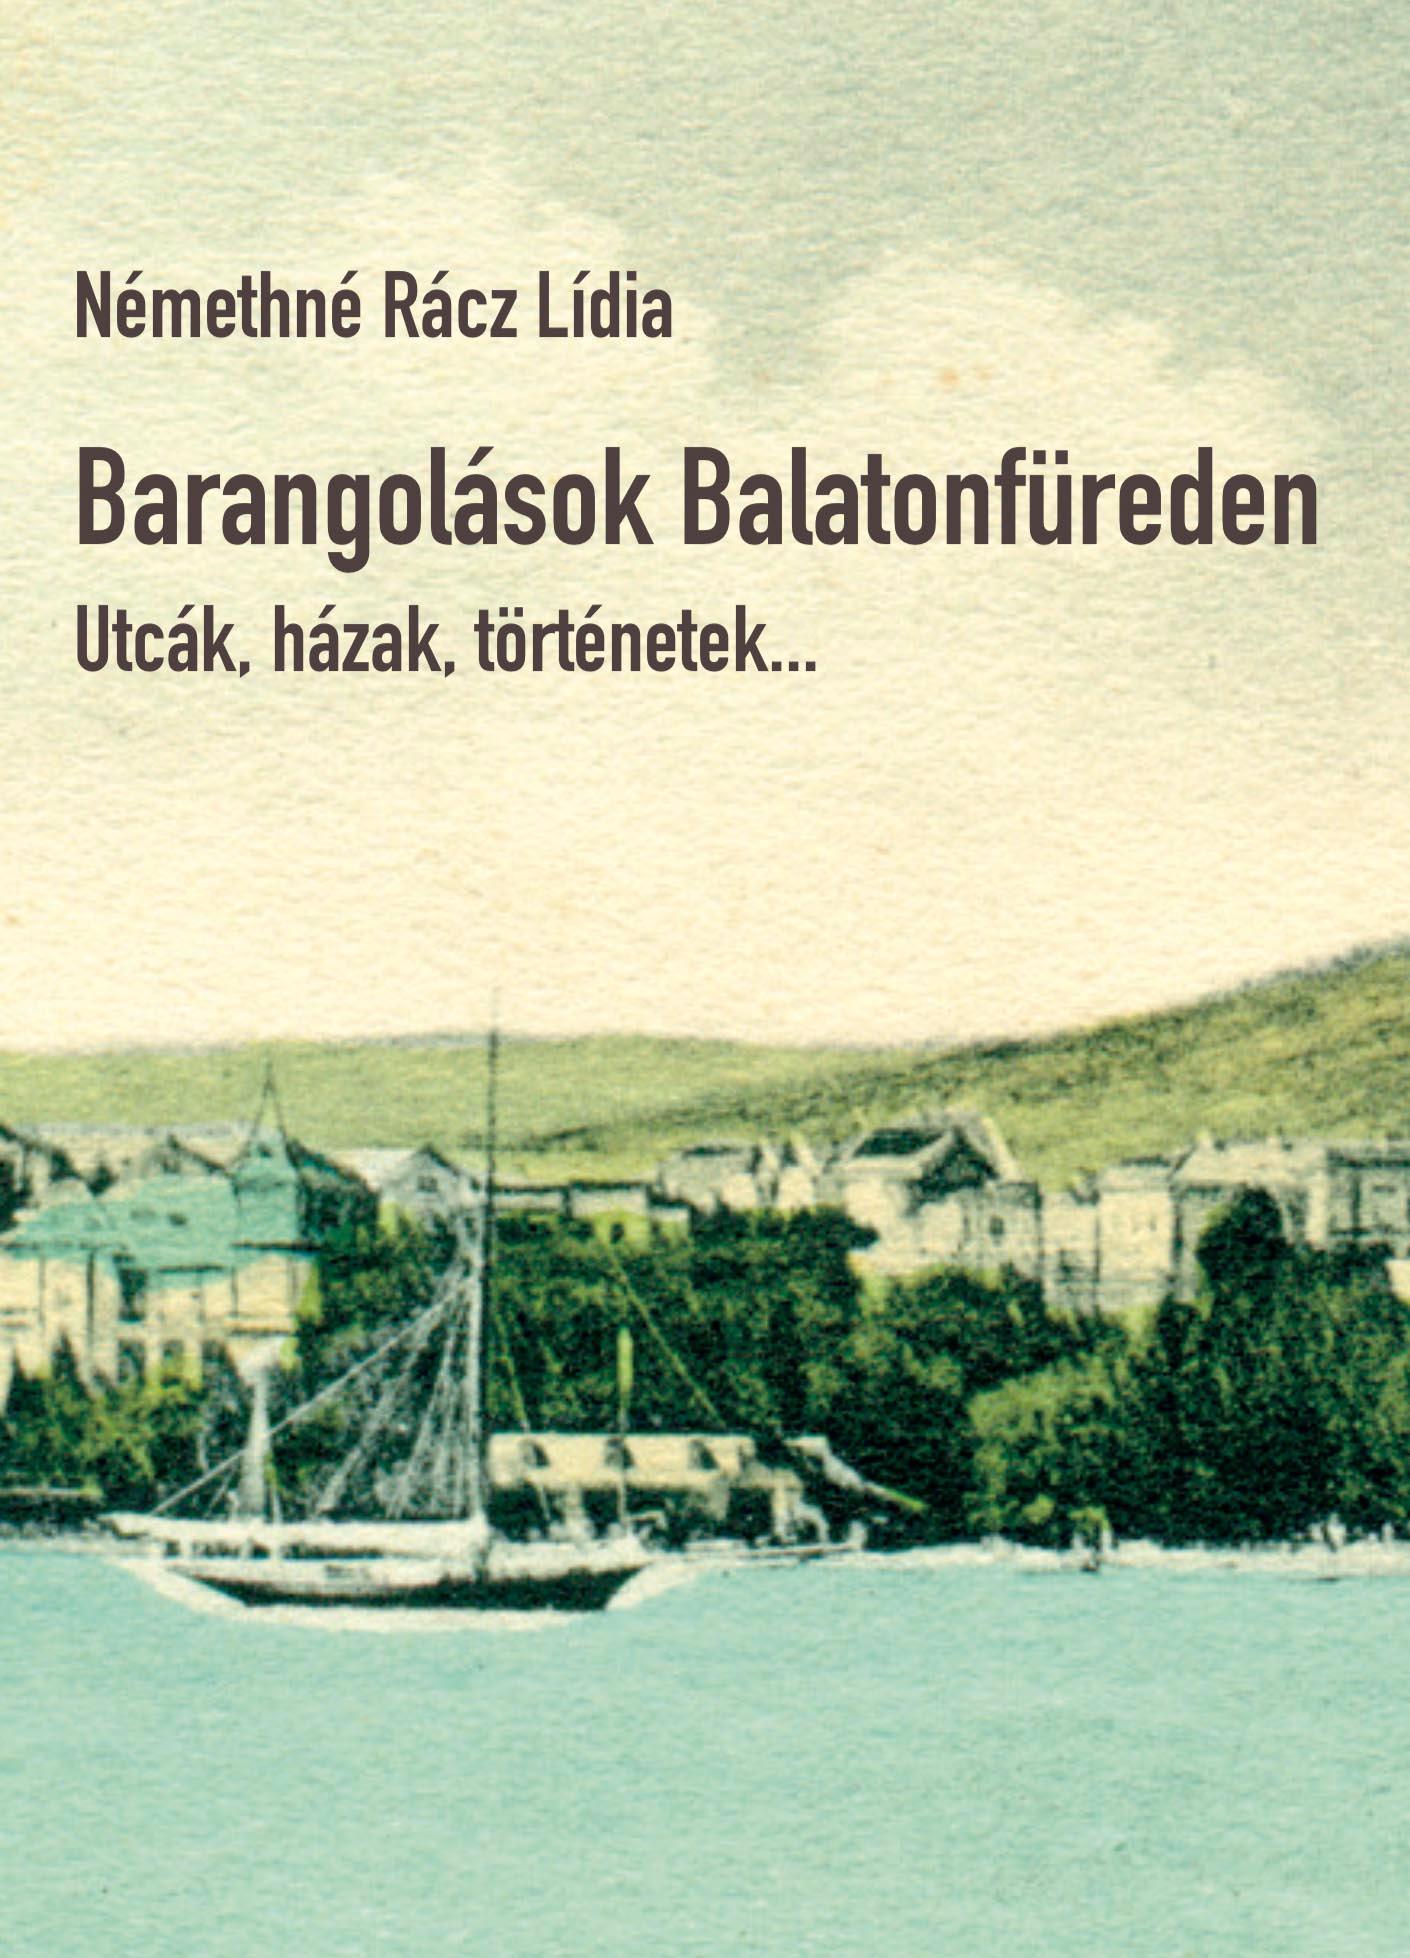 Barangolások Balatonfüreden - Utcák, házak, történetek...